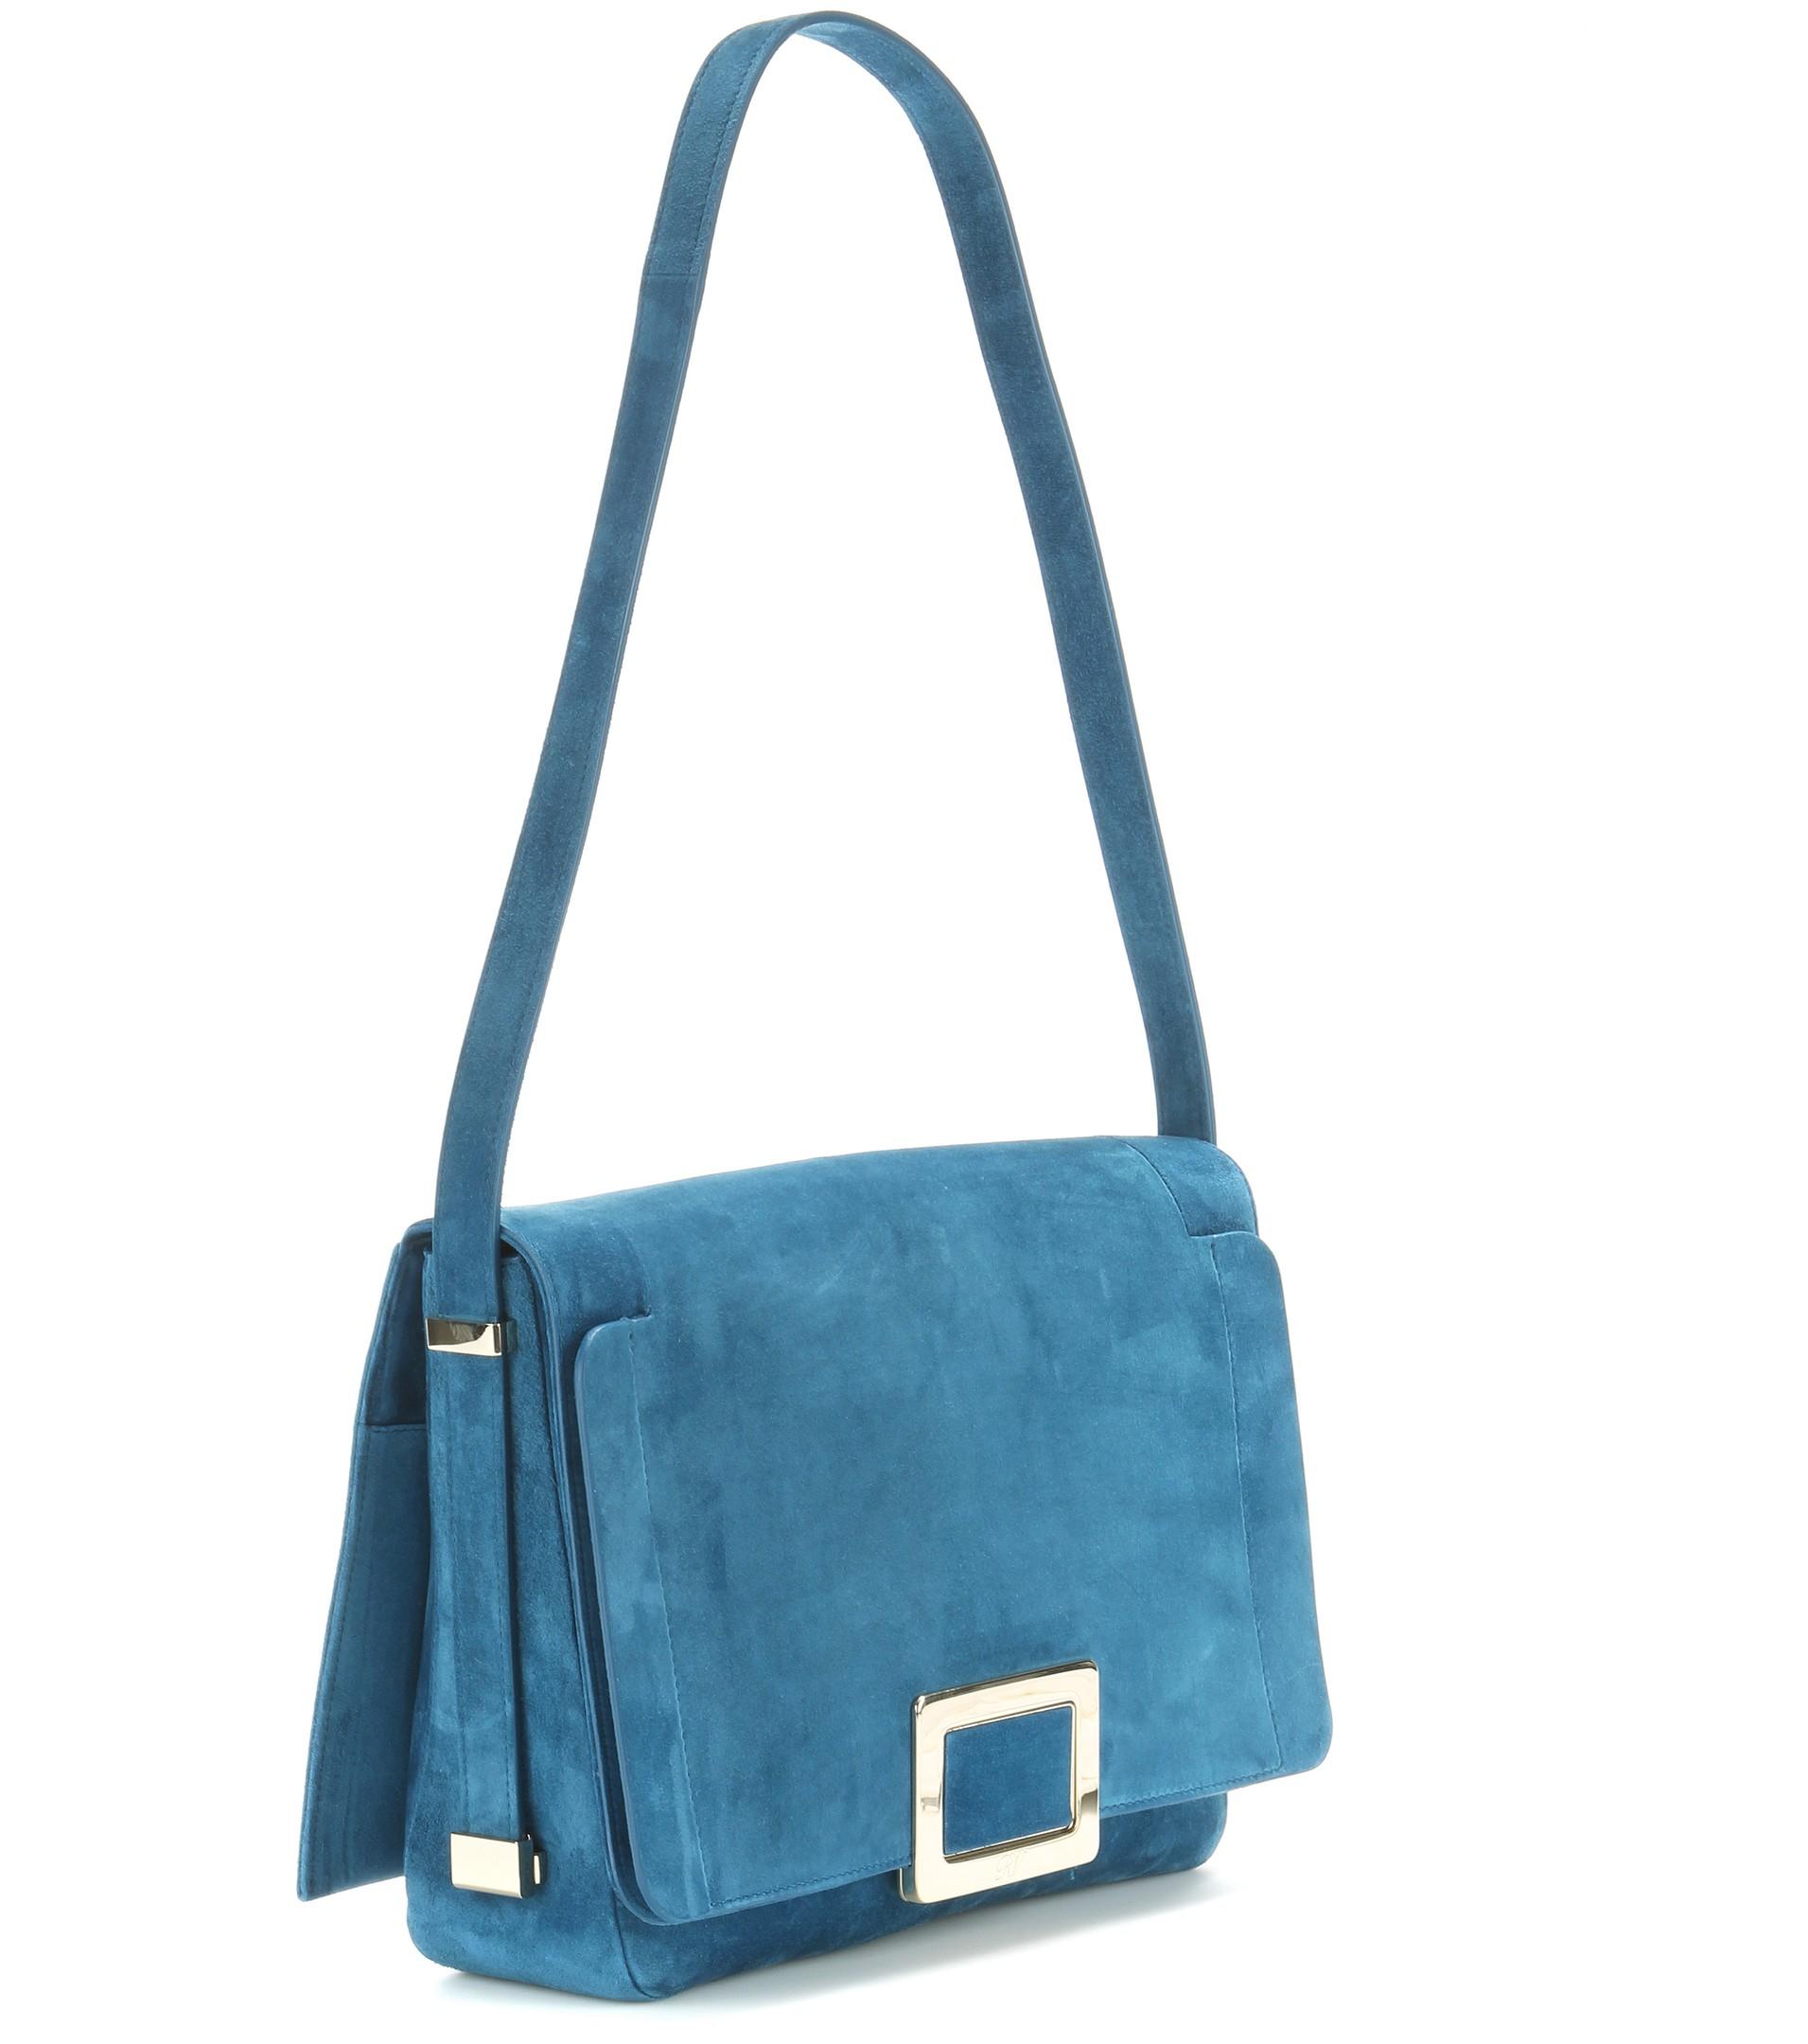 Lyst - Roger Vivier Ines Suede Shoulder Bag in Blue 894f1f1d39bfd